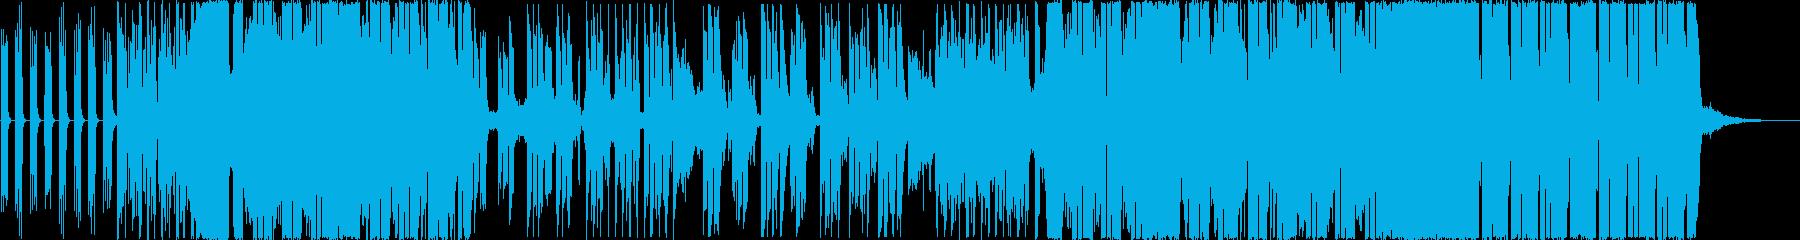 都会 切ない 喧騒 シンセサイザーの再生済みの波形